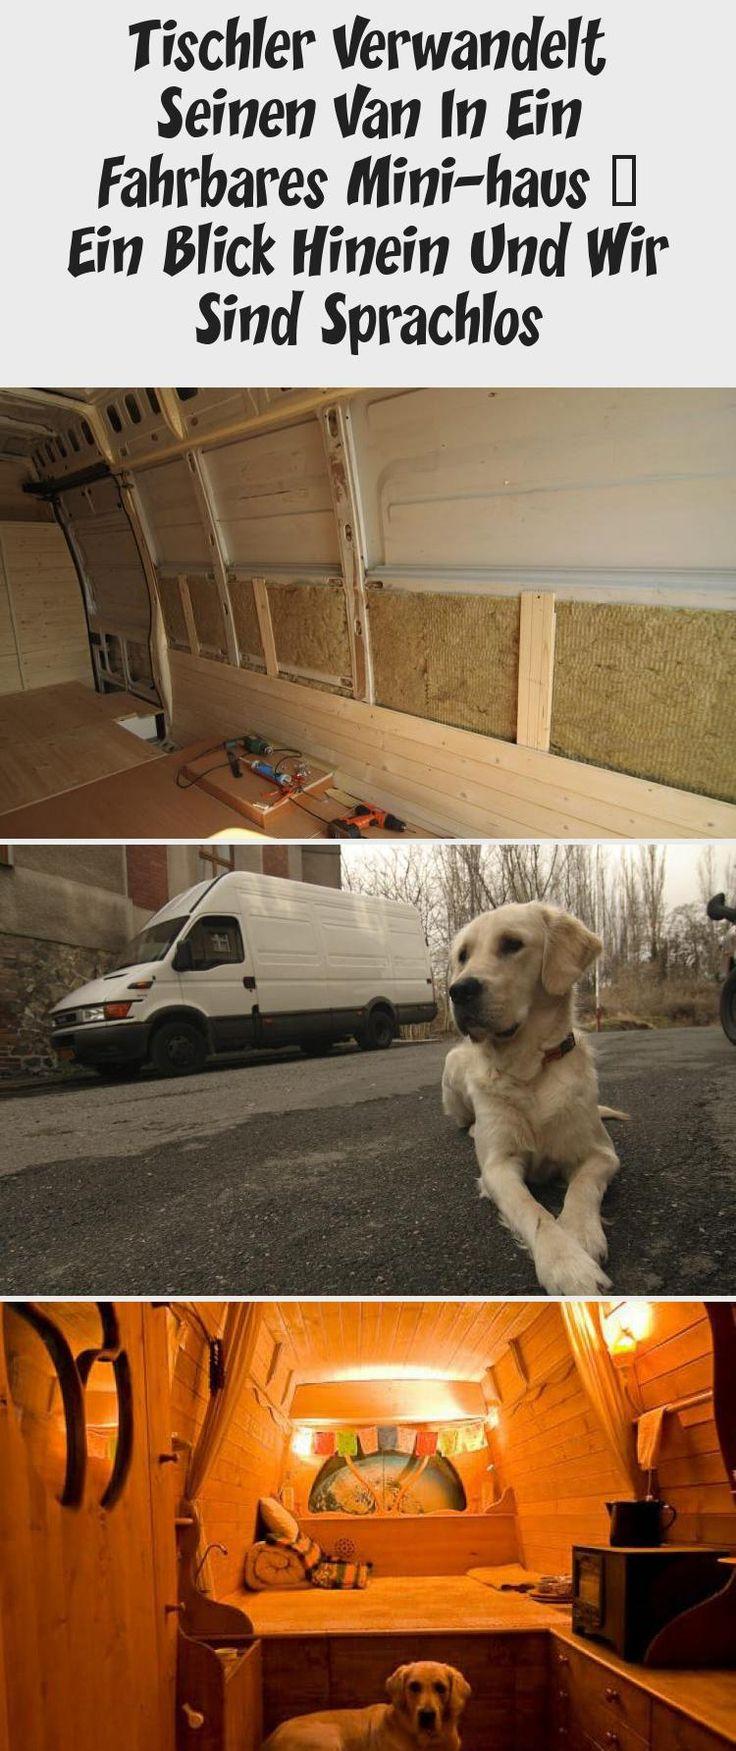 Carpenter verwandelt seinen Van in ein mobiles Mini-Haus – Ein Blick hinein und wir sind sprachlos   – Tango